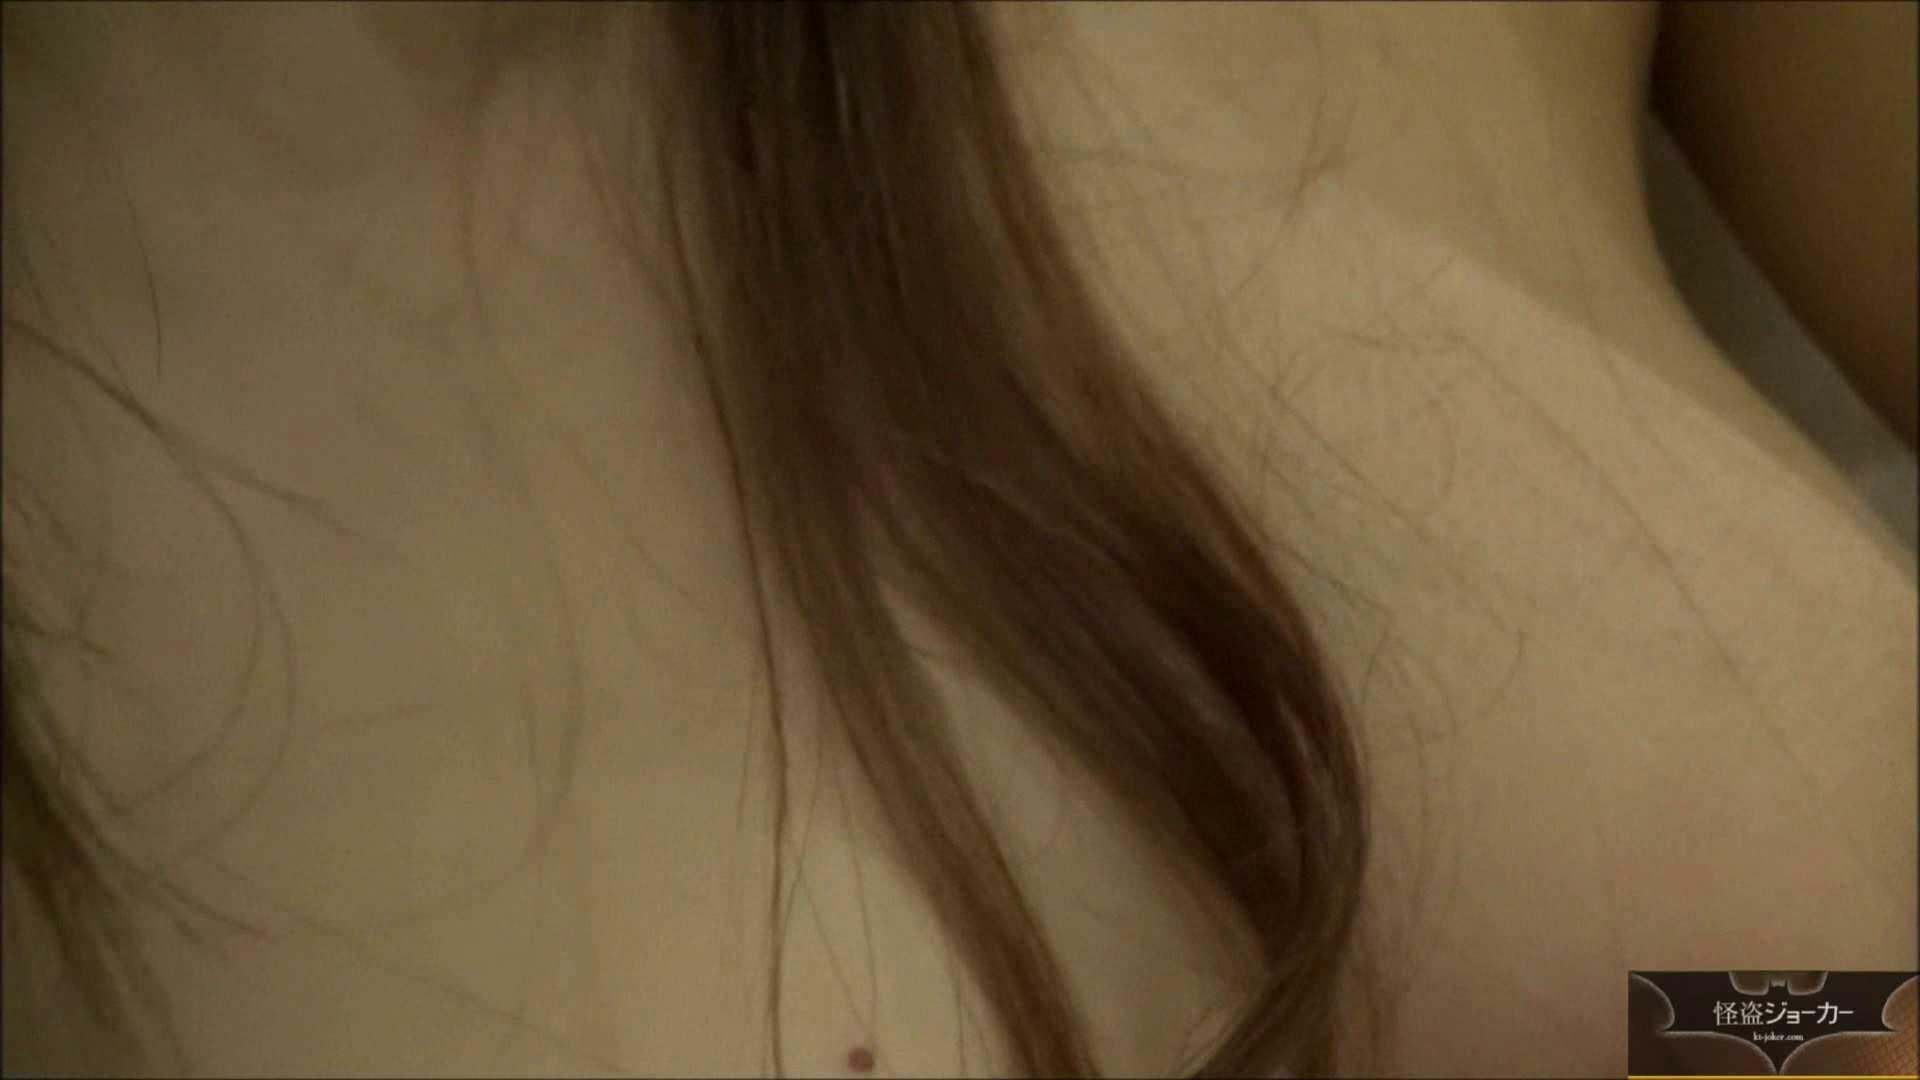 【未公開】vol.82 {関東某有名お嬢様JD}yuunaちゃん④【後編】 ラブホテル スケベ動画紹介 61画像 20